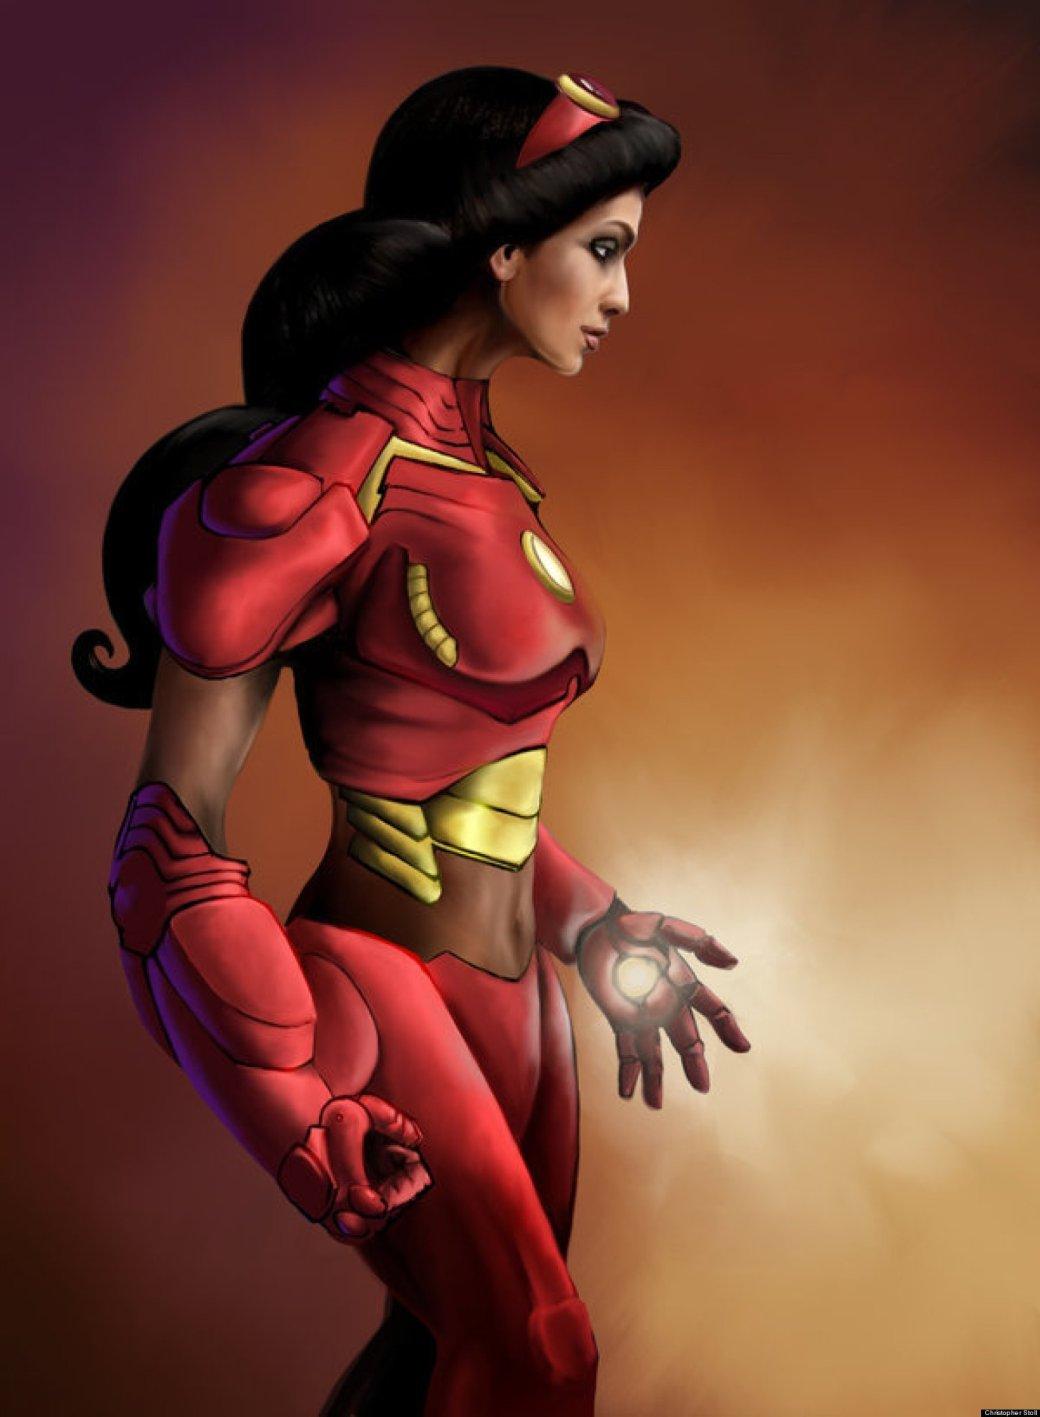 Галерея вариаций: Мстители-женщины, Мстители-дети... - Изображение 25